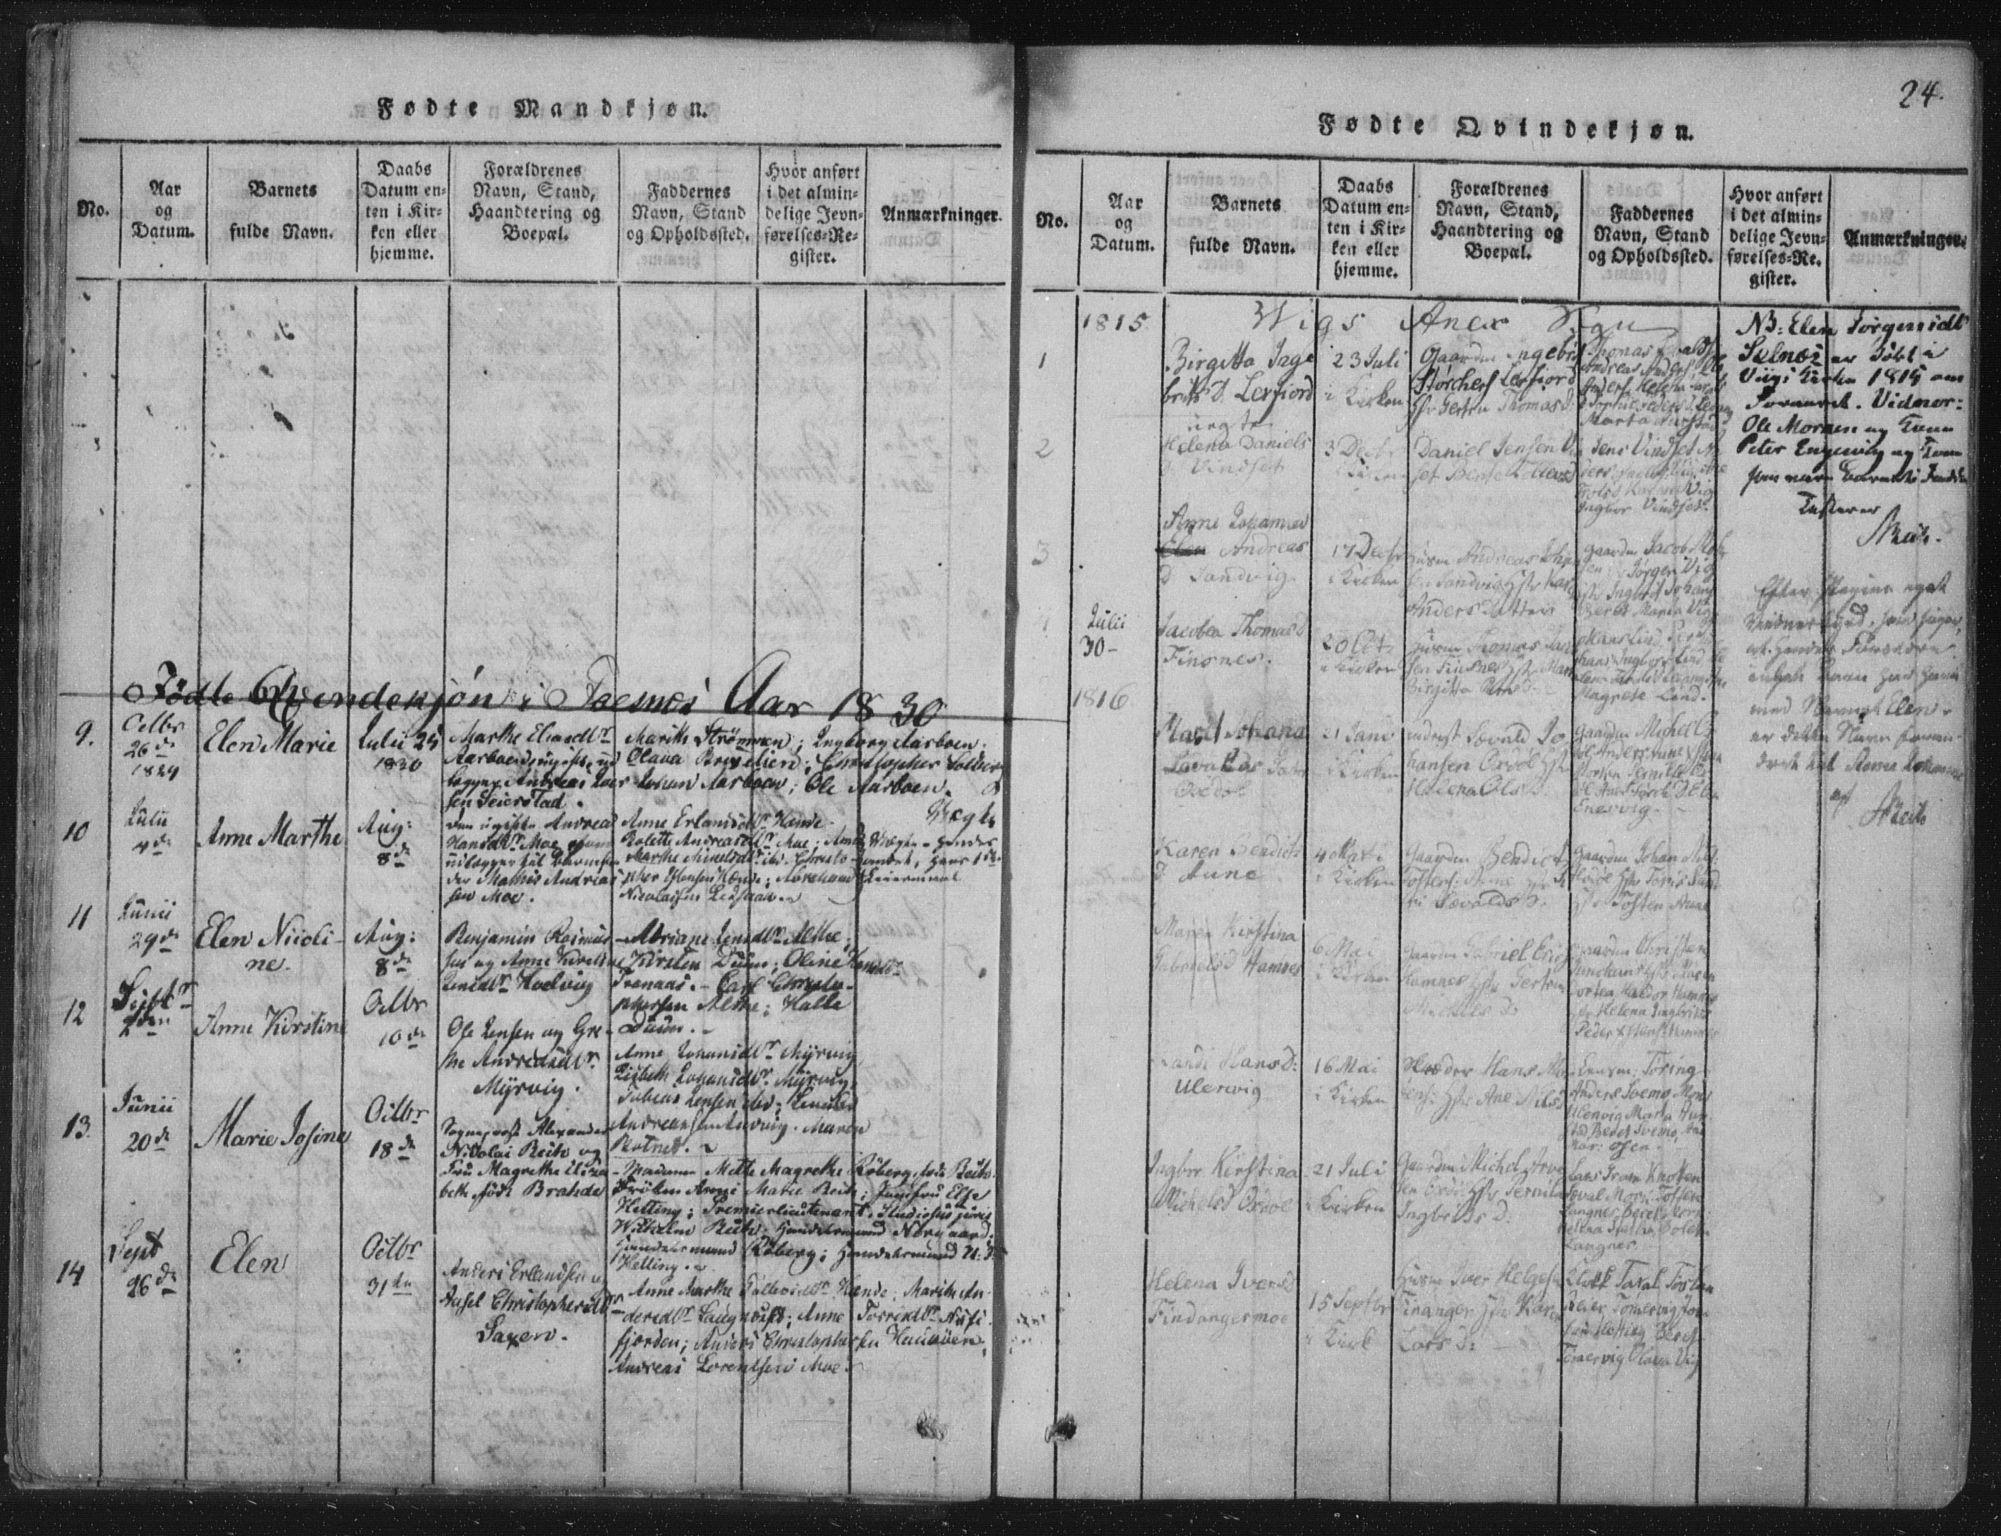 SAT, Ministerialprotokoller, klokkerbøker og fødselsregistre - Nord-Trøndelag, 773/L0609: Ministerialbok nr. 773A03 /2, 1815-1830, s. 24